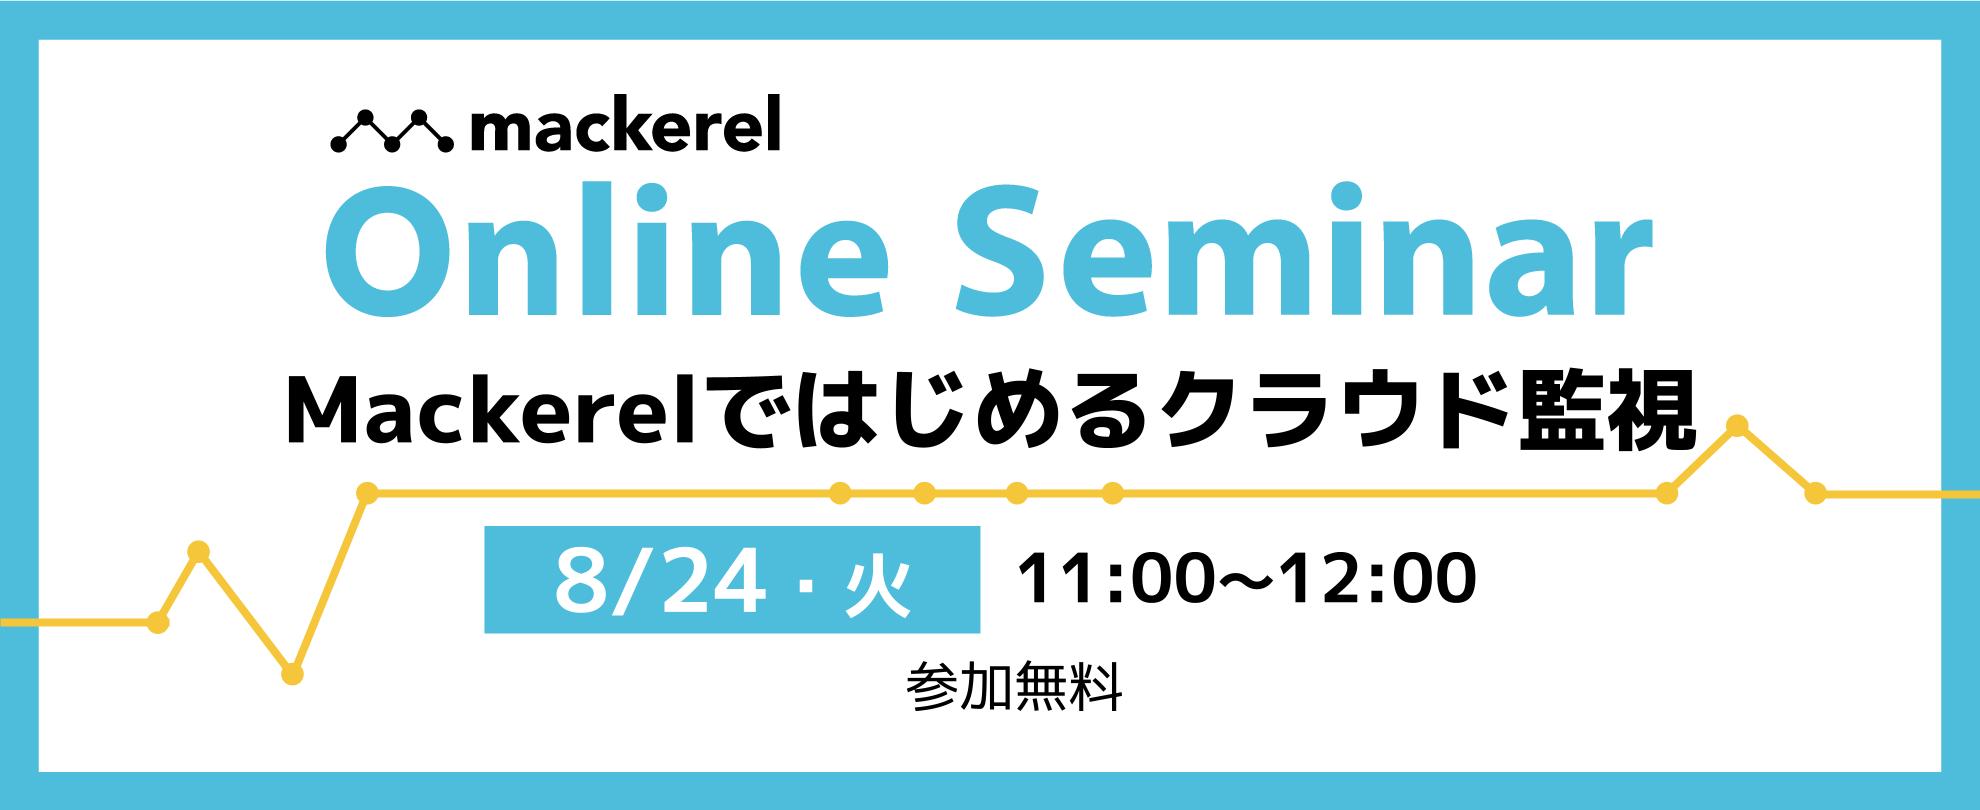 Mackerelではじめるクラウド監視(2021年8月24日開催オンラインセミナー)